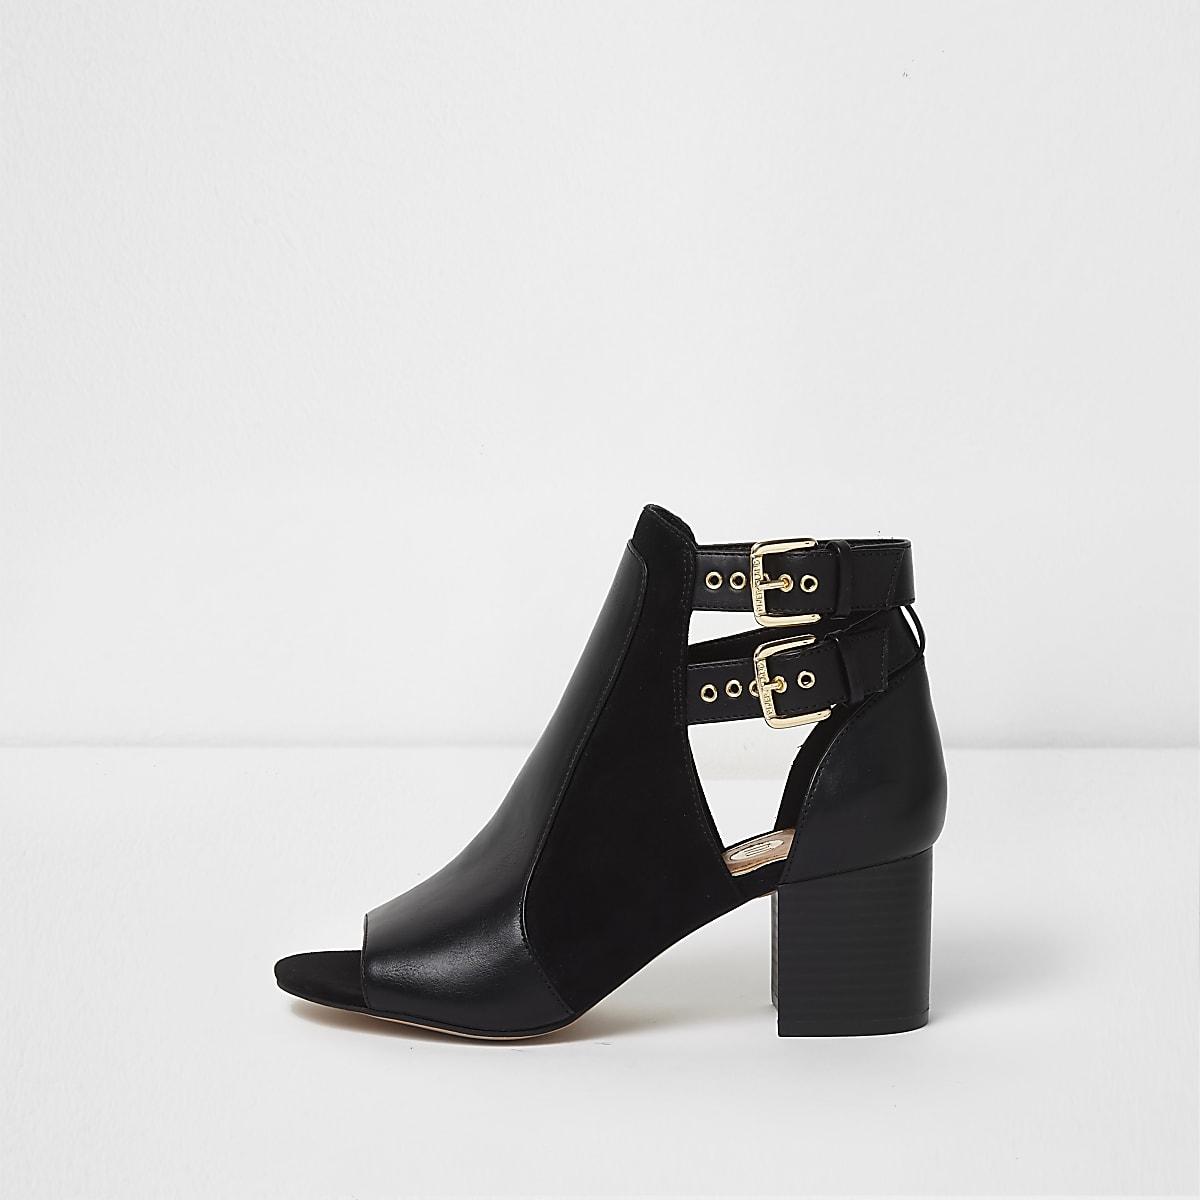 f52314ec61 Black wide fit buckle peep toe shoe boots - Sandals - Shoes & Boots ...